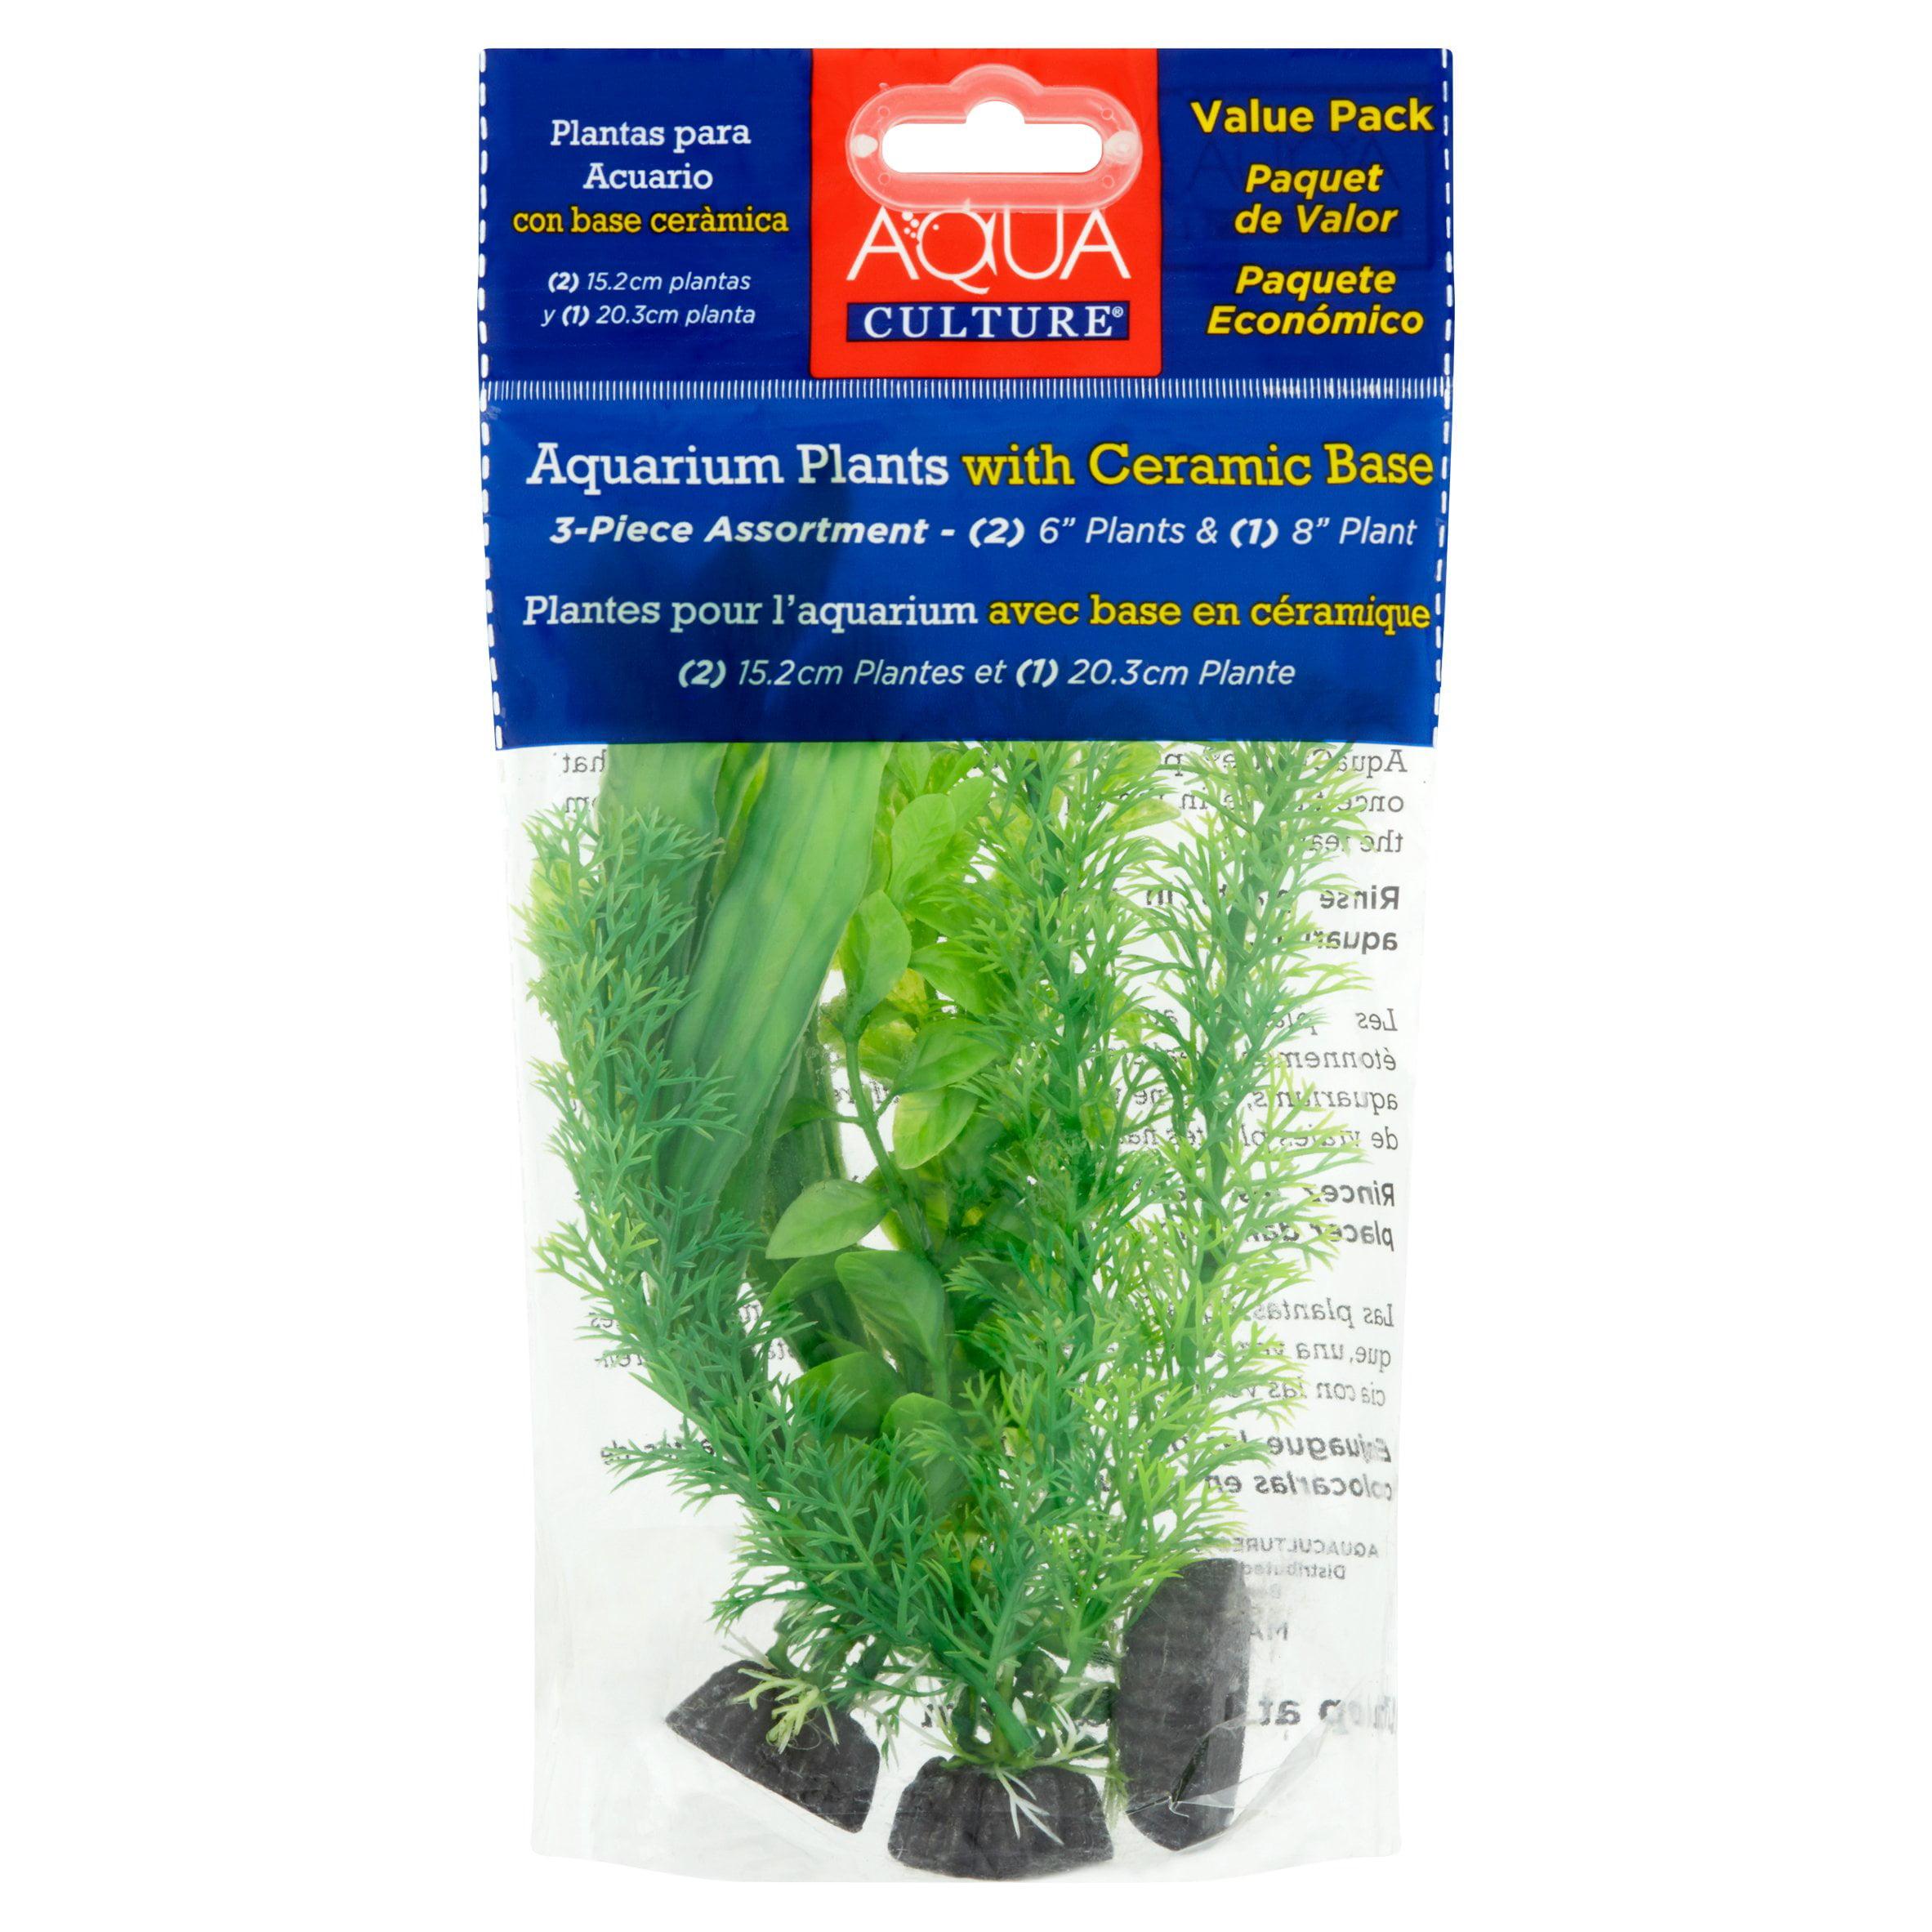 Aqua Culture Aquarium Plant Ornament, 3-Pack by Wal-Mart Stores, Inc.